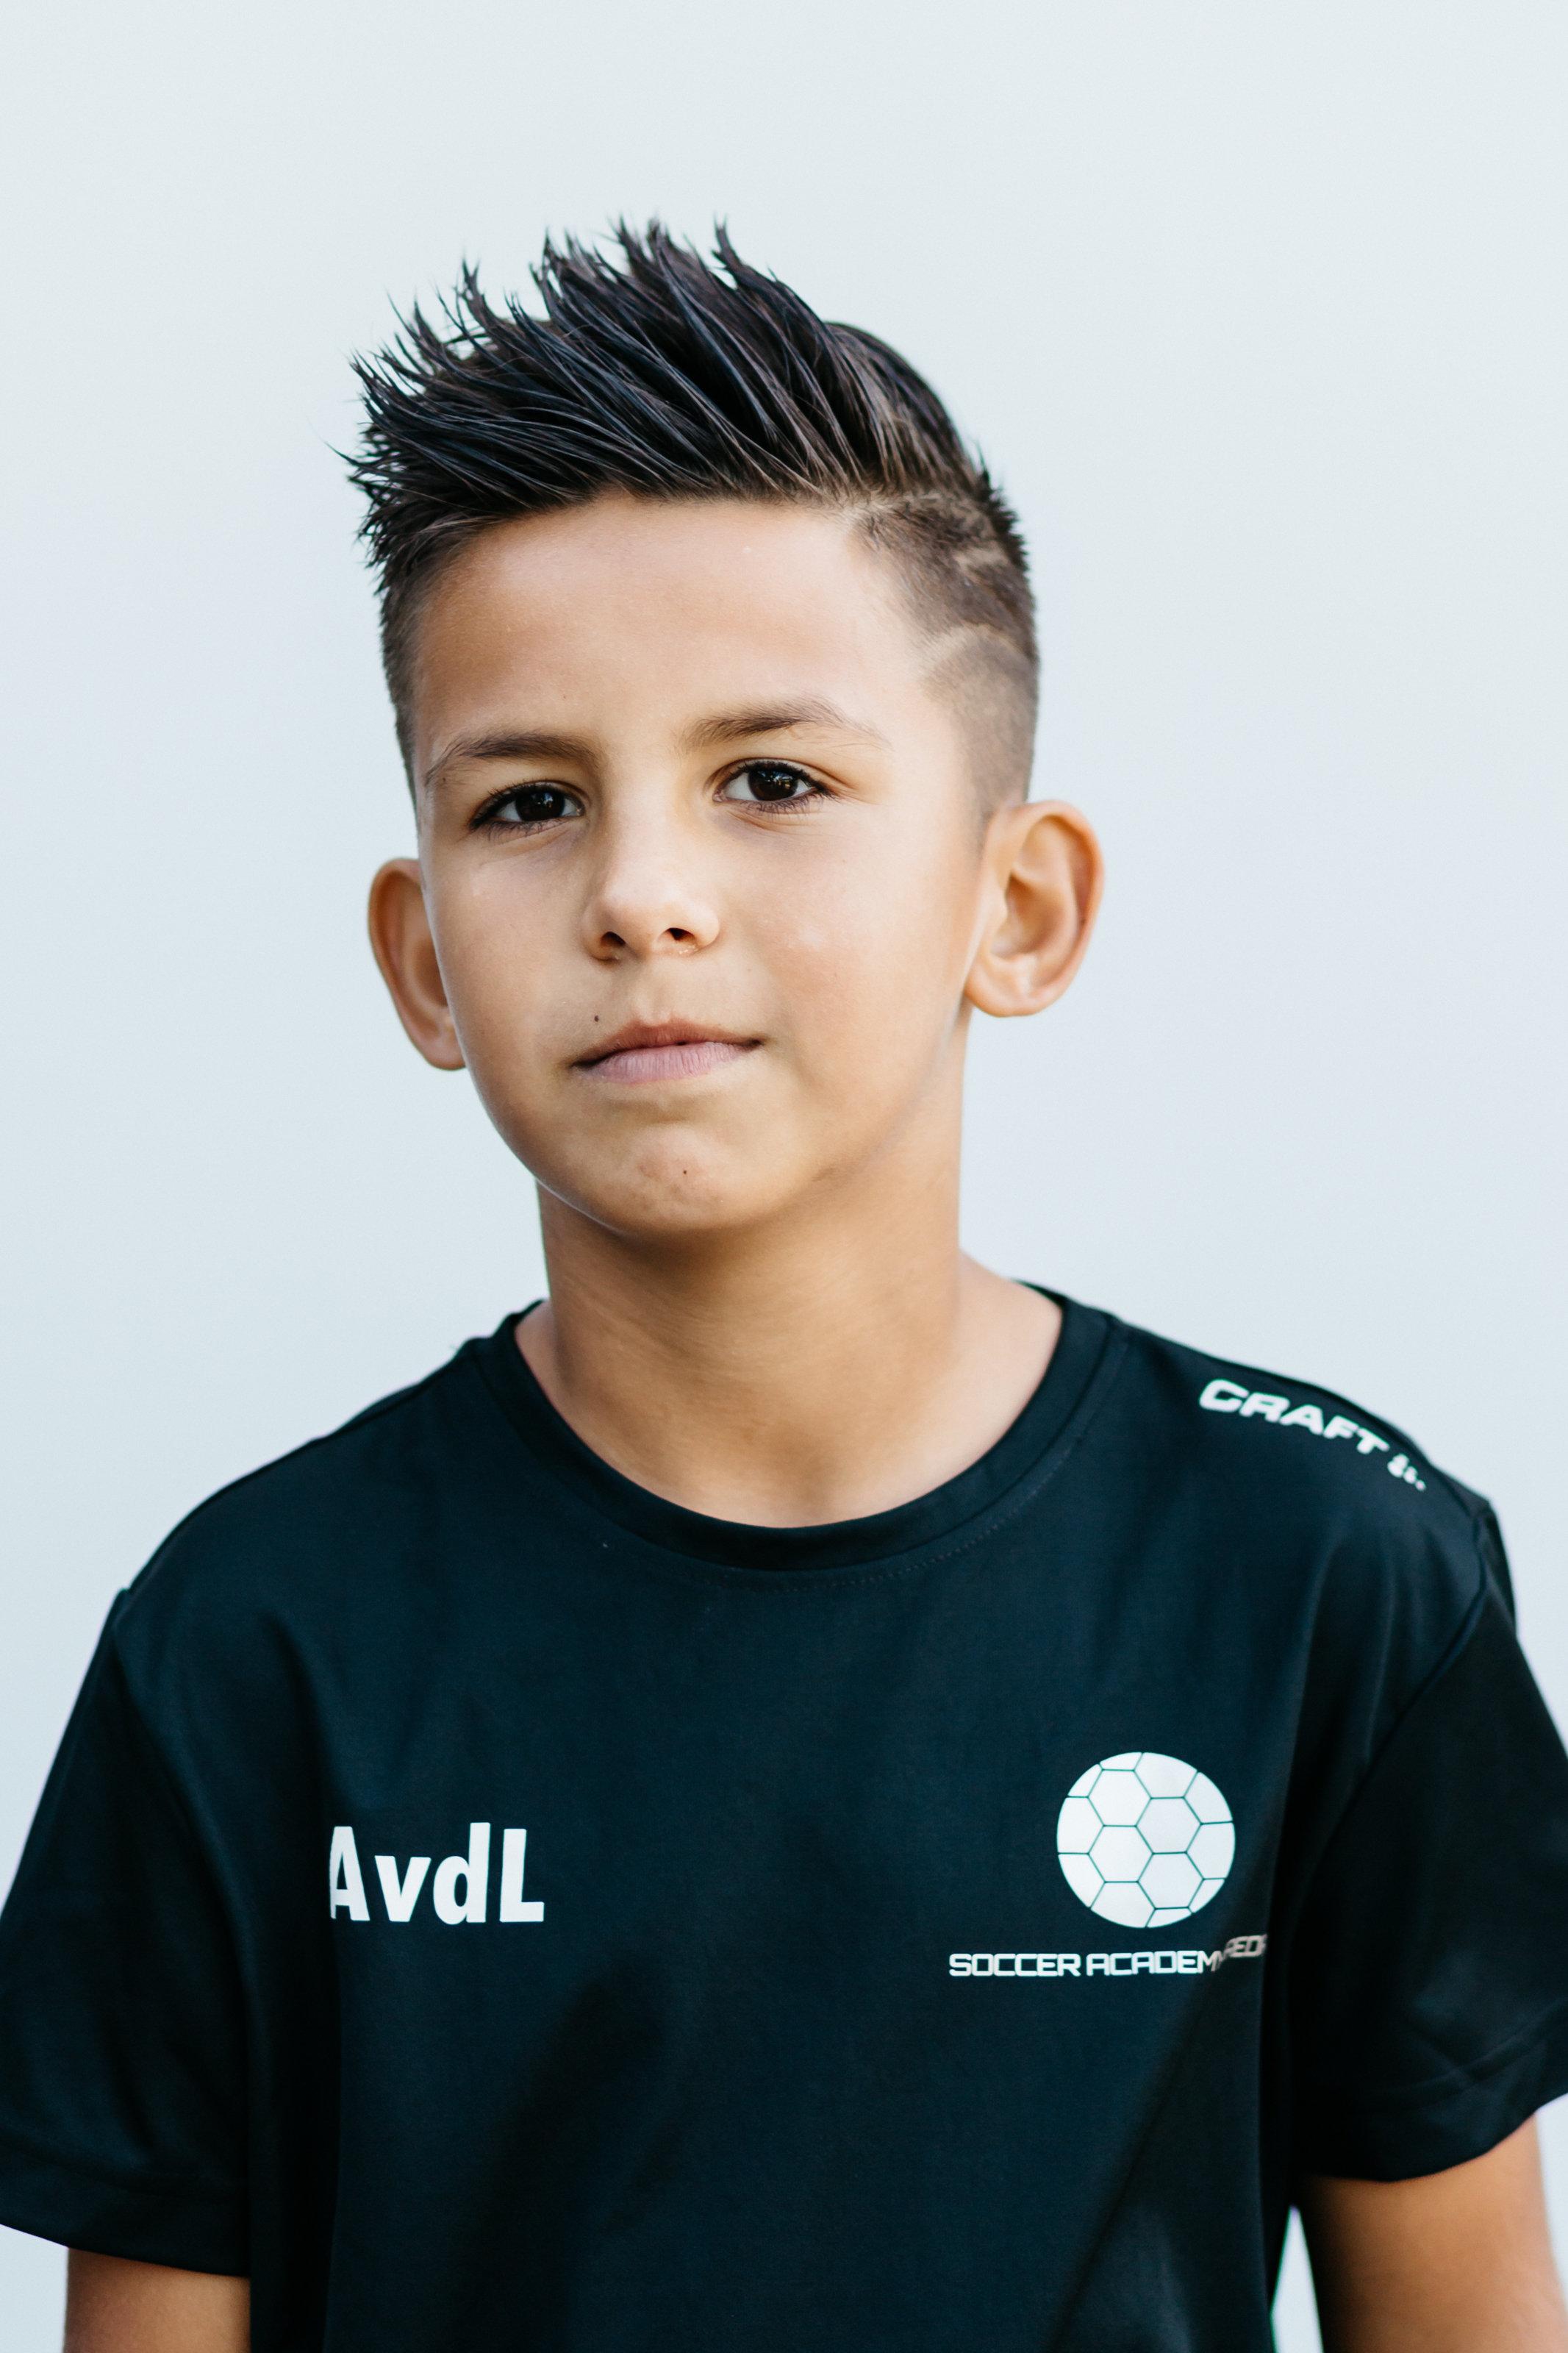 https://socceracademybreda.nl/wp-content/uploads/2020/10/Anthony-van-de-laarschot-team.jpg